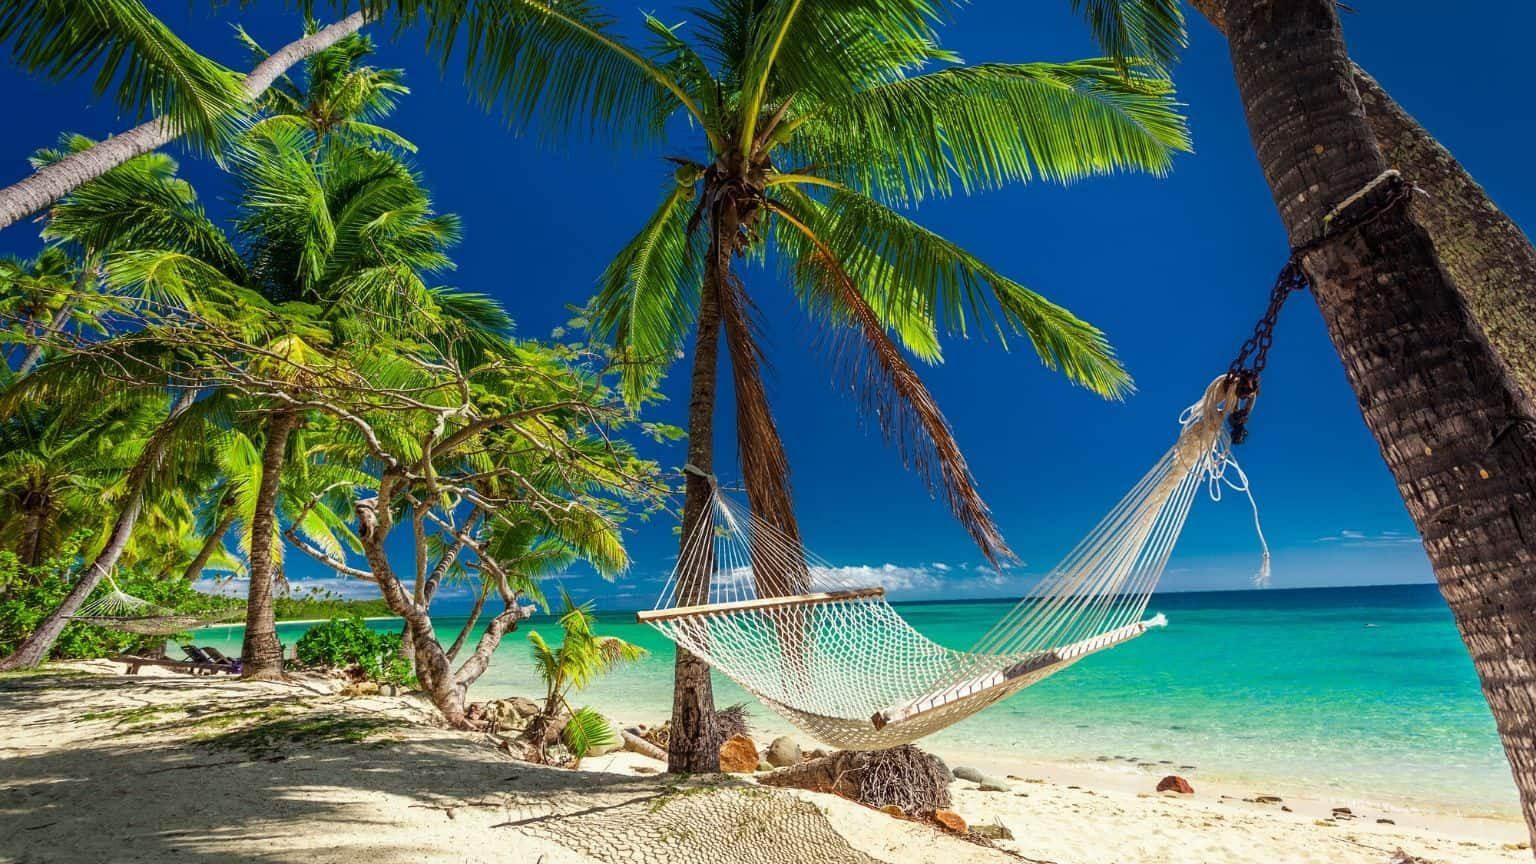 Hammock in Fiji beach